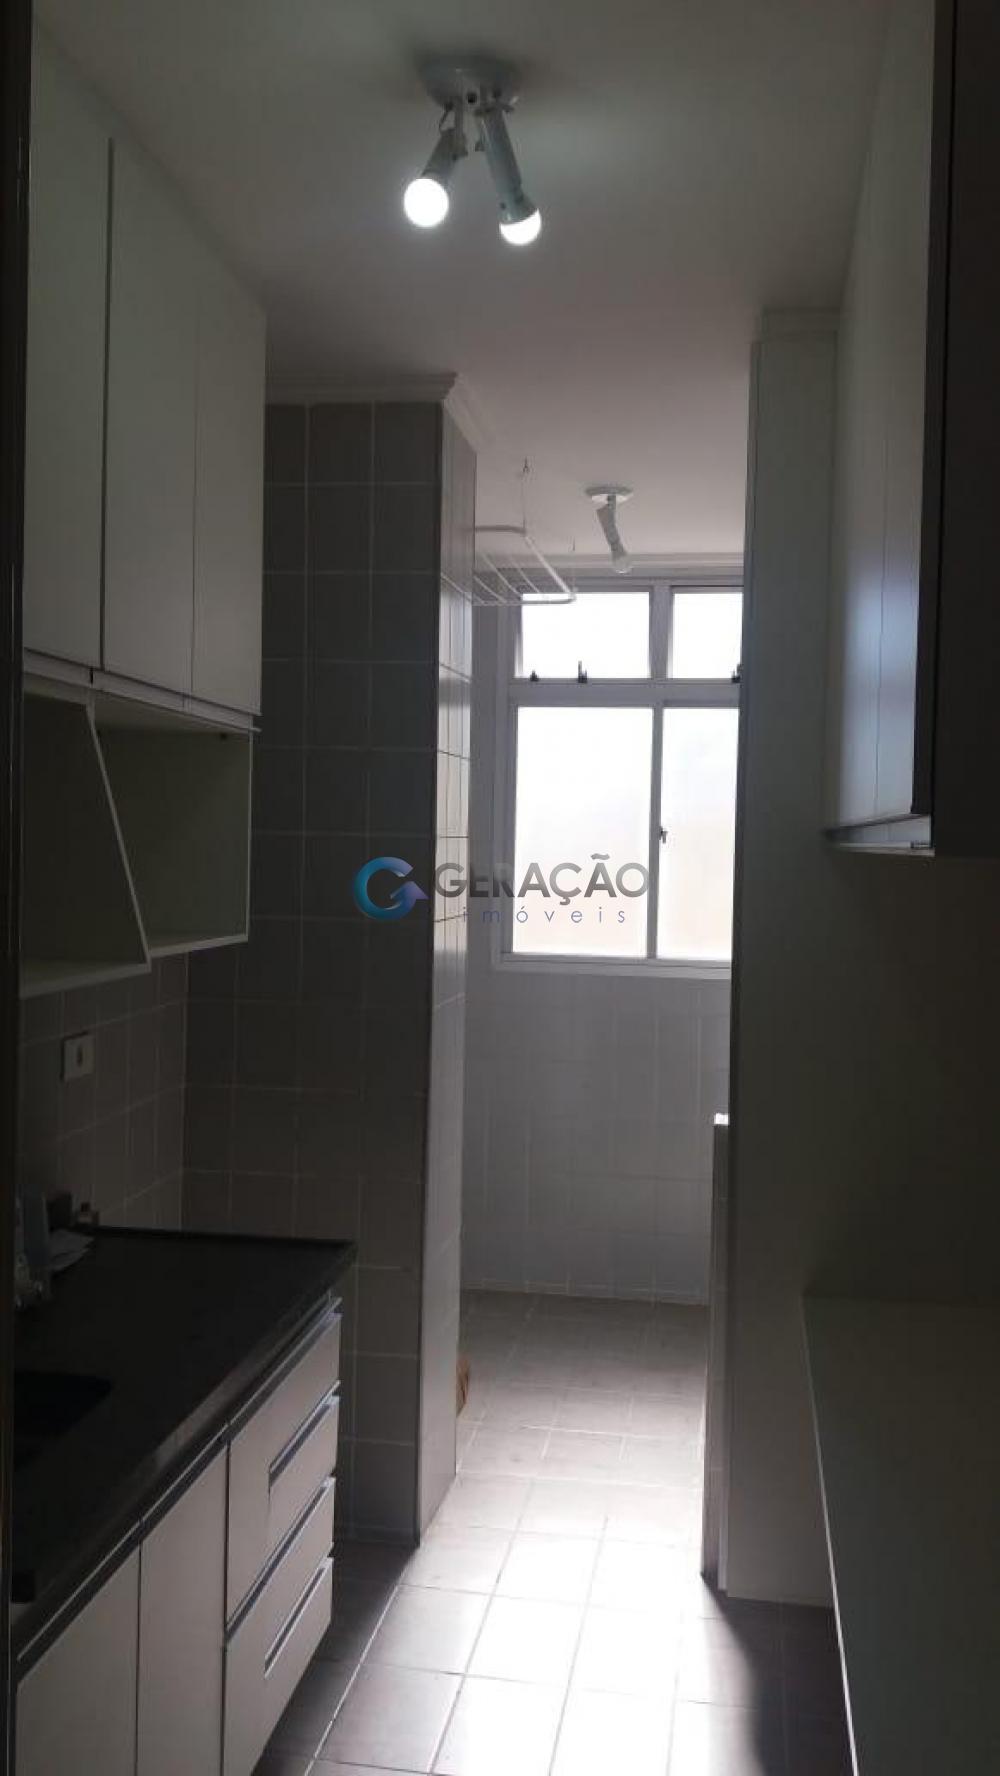 Comprar Apartamento / Padrão em São José dos Campos apenas R$ 260.000,00 - Foto 16